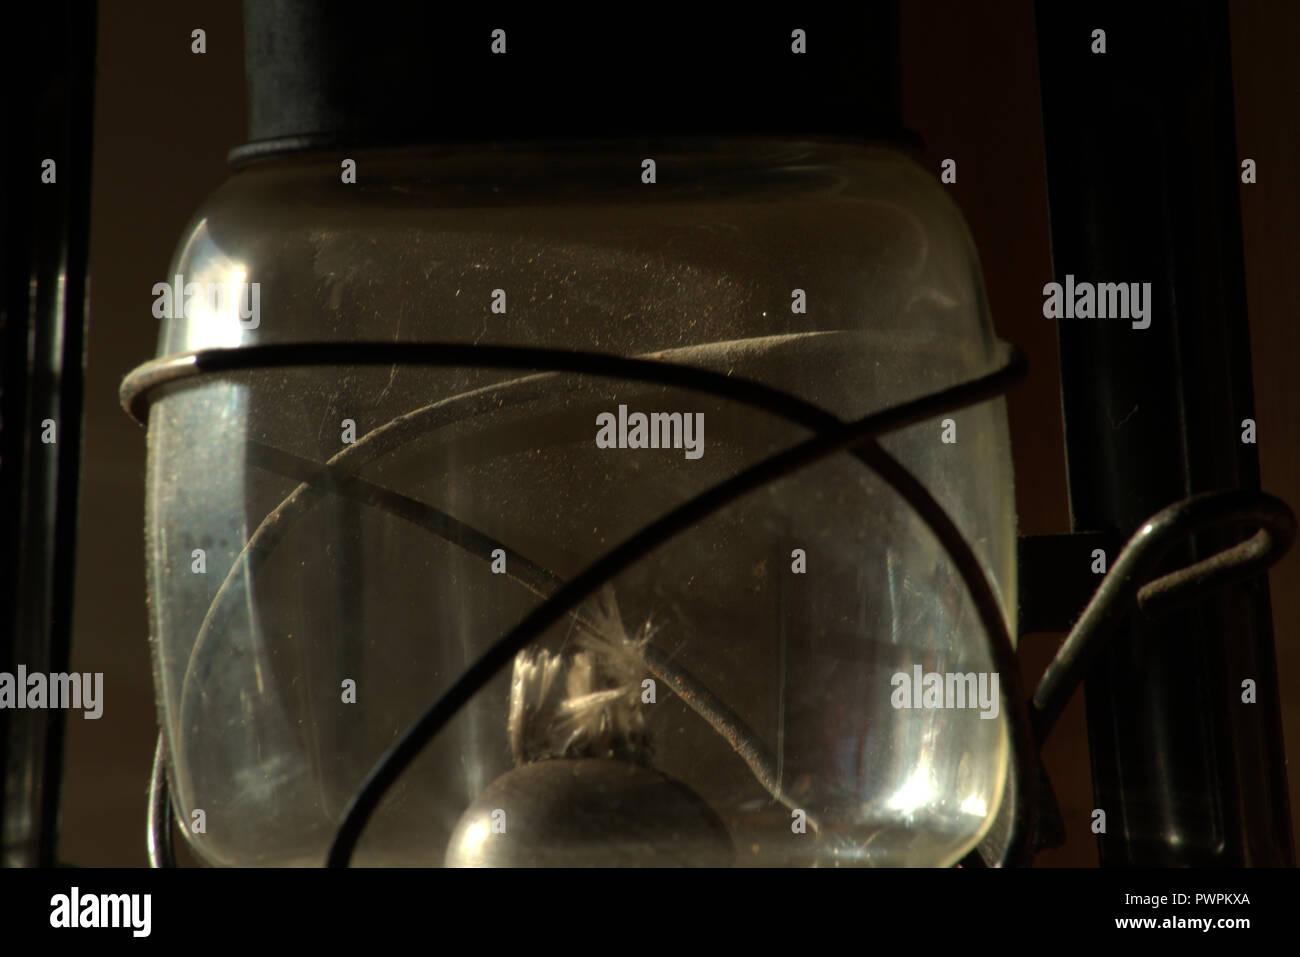 Hurricane or kerosene lamp Stock Photo